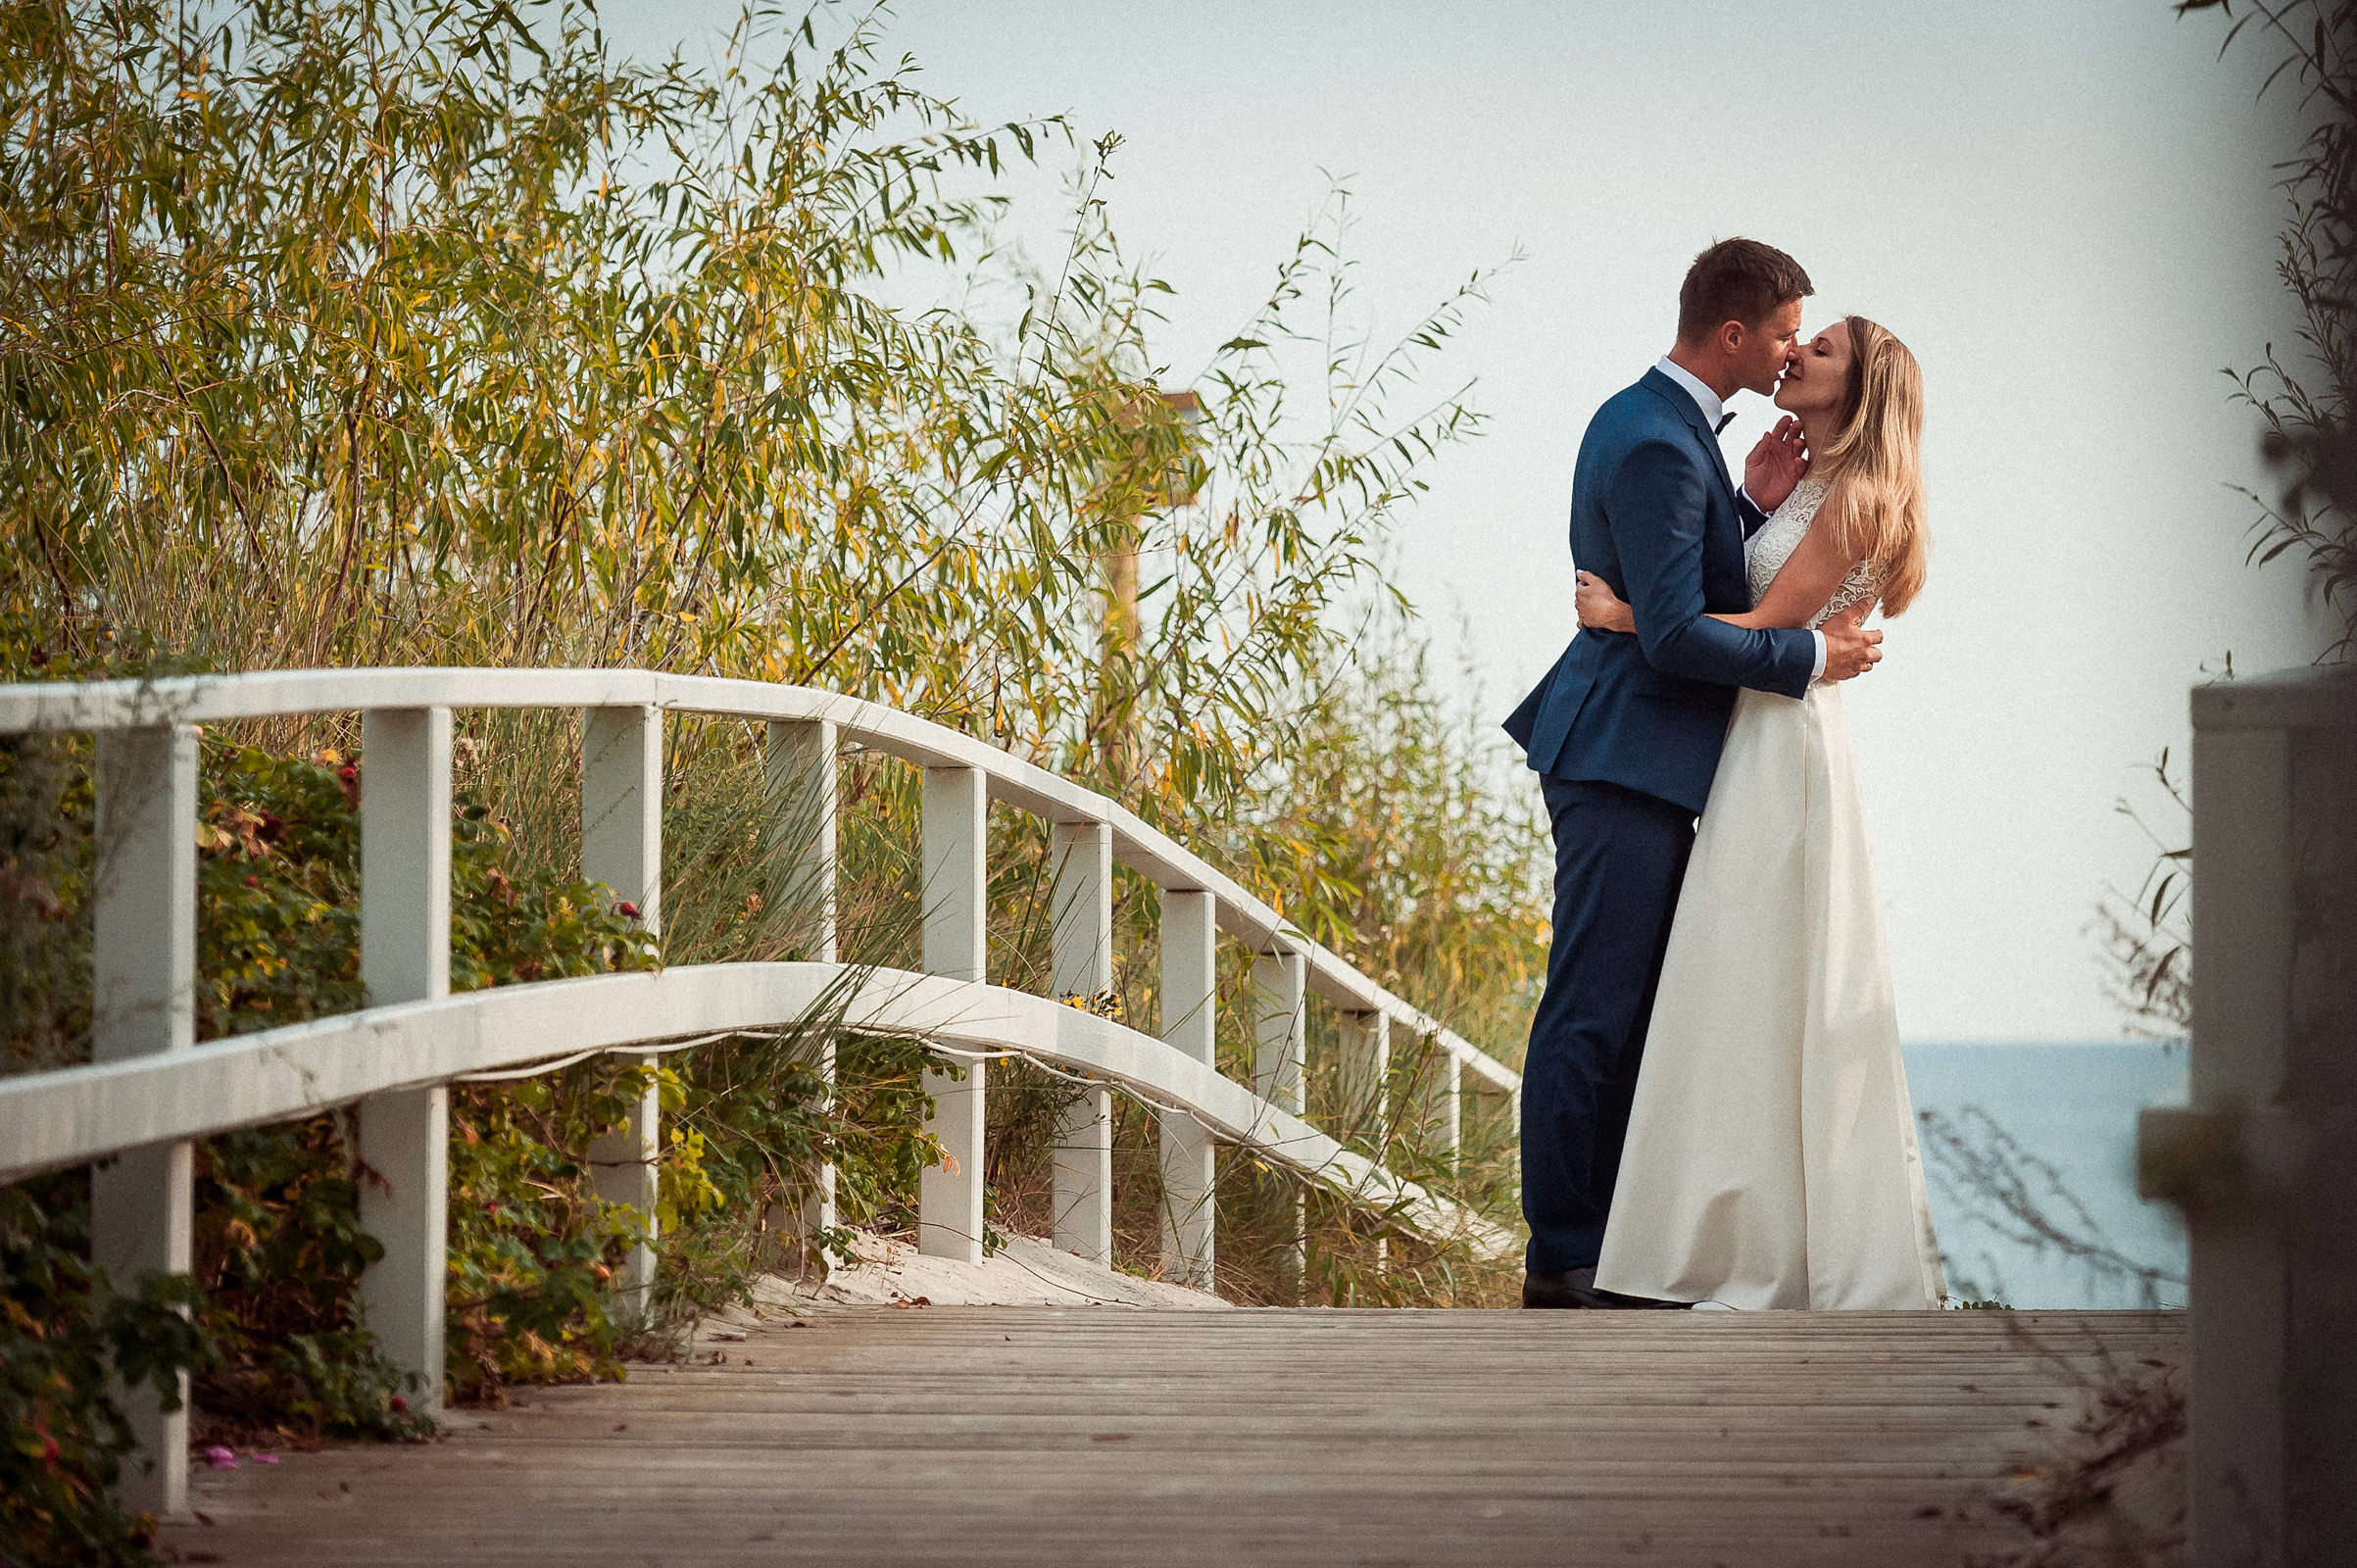 romantyczny pocałunek pomiedzy wydmami na tle morza w Jastarni